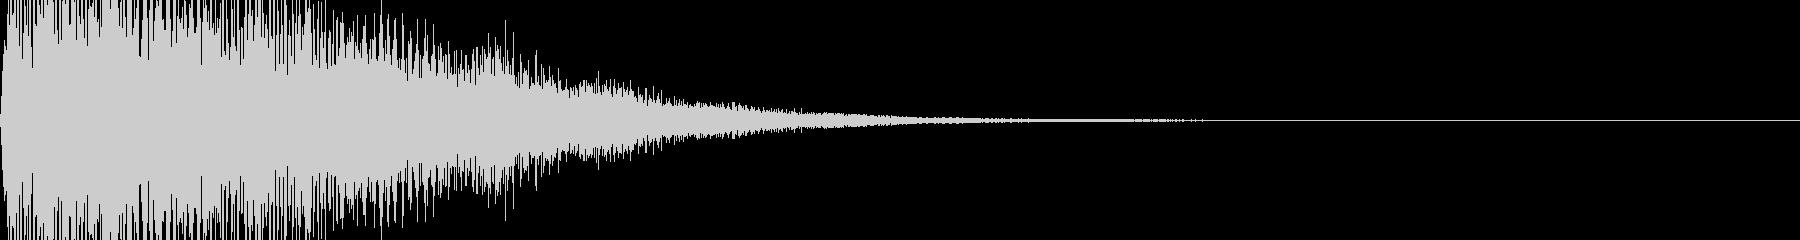 ピロロン 低めの未再生の波形